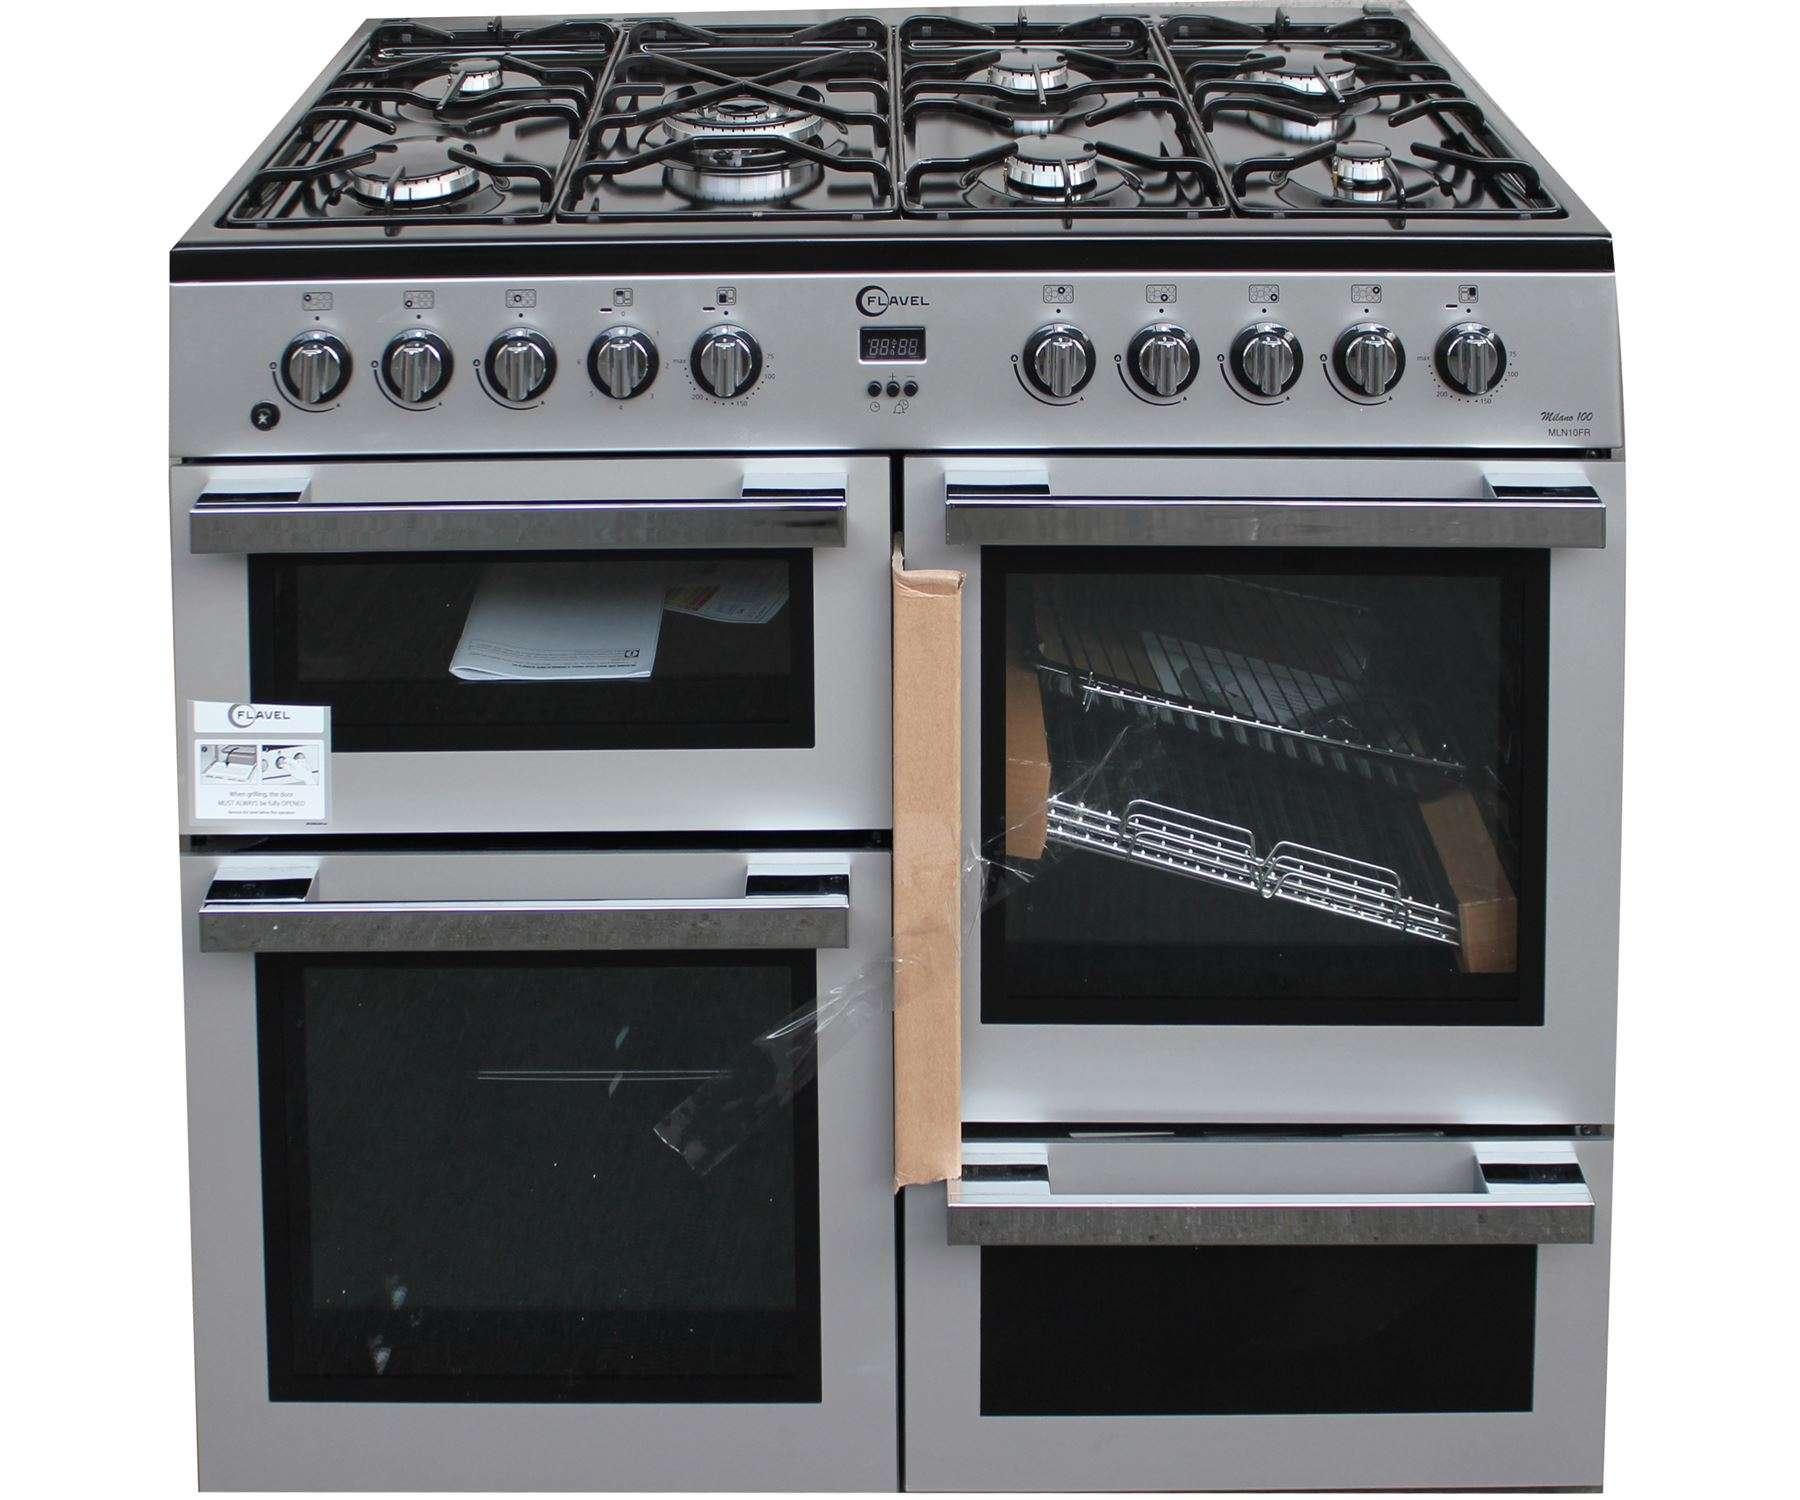 Flavel Mln Frs Dual Fuel Range Cooker Burner Silver